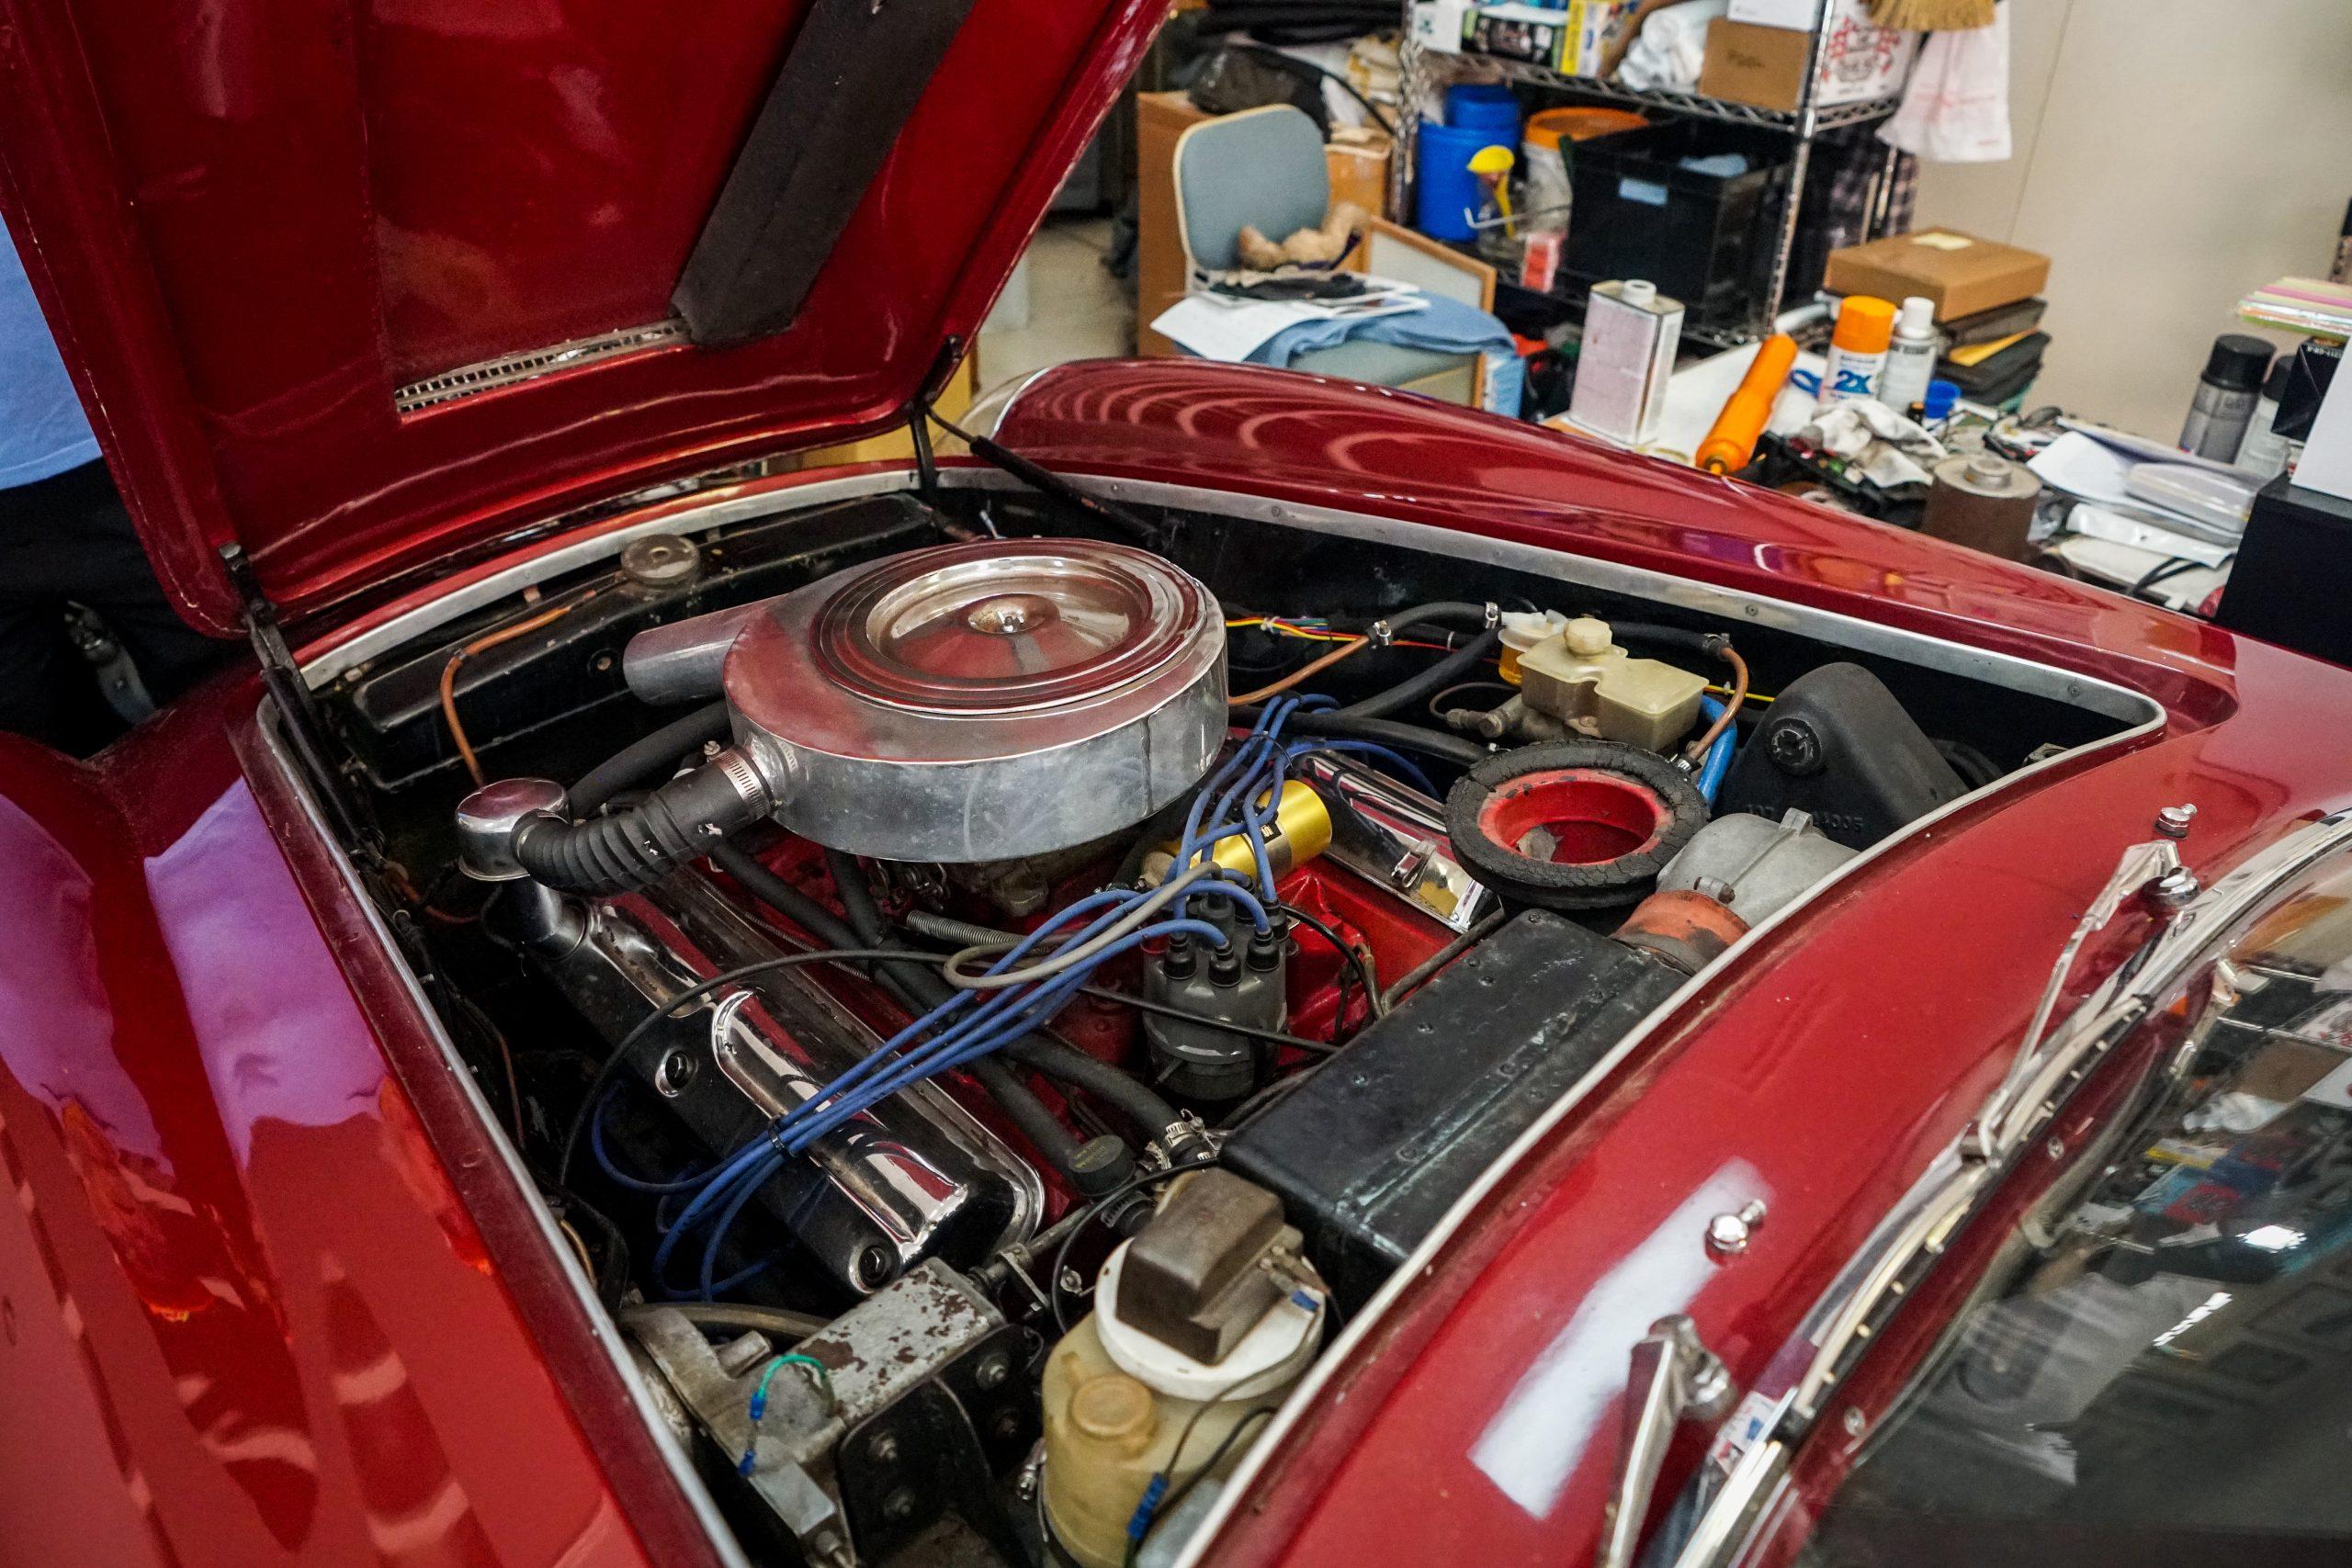 toly arutunoff bristol chrysler engine zagato